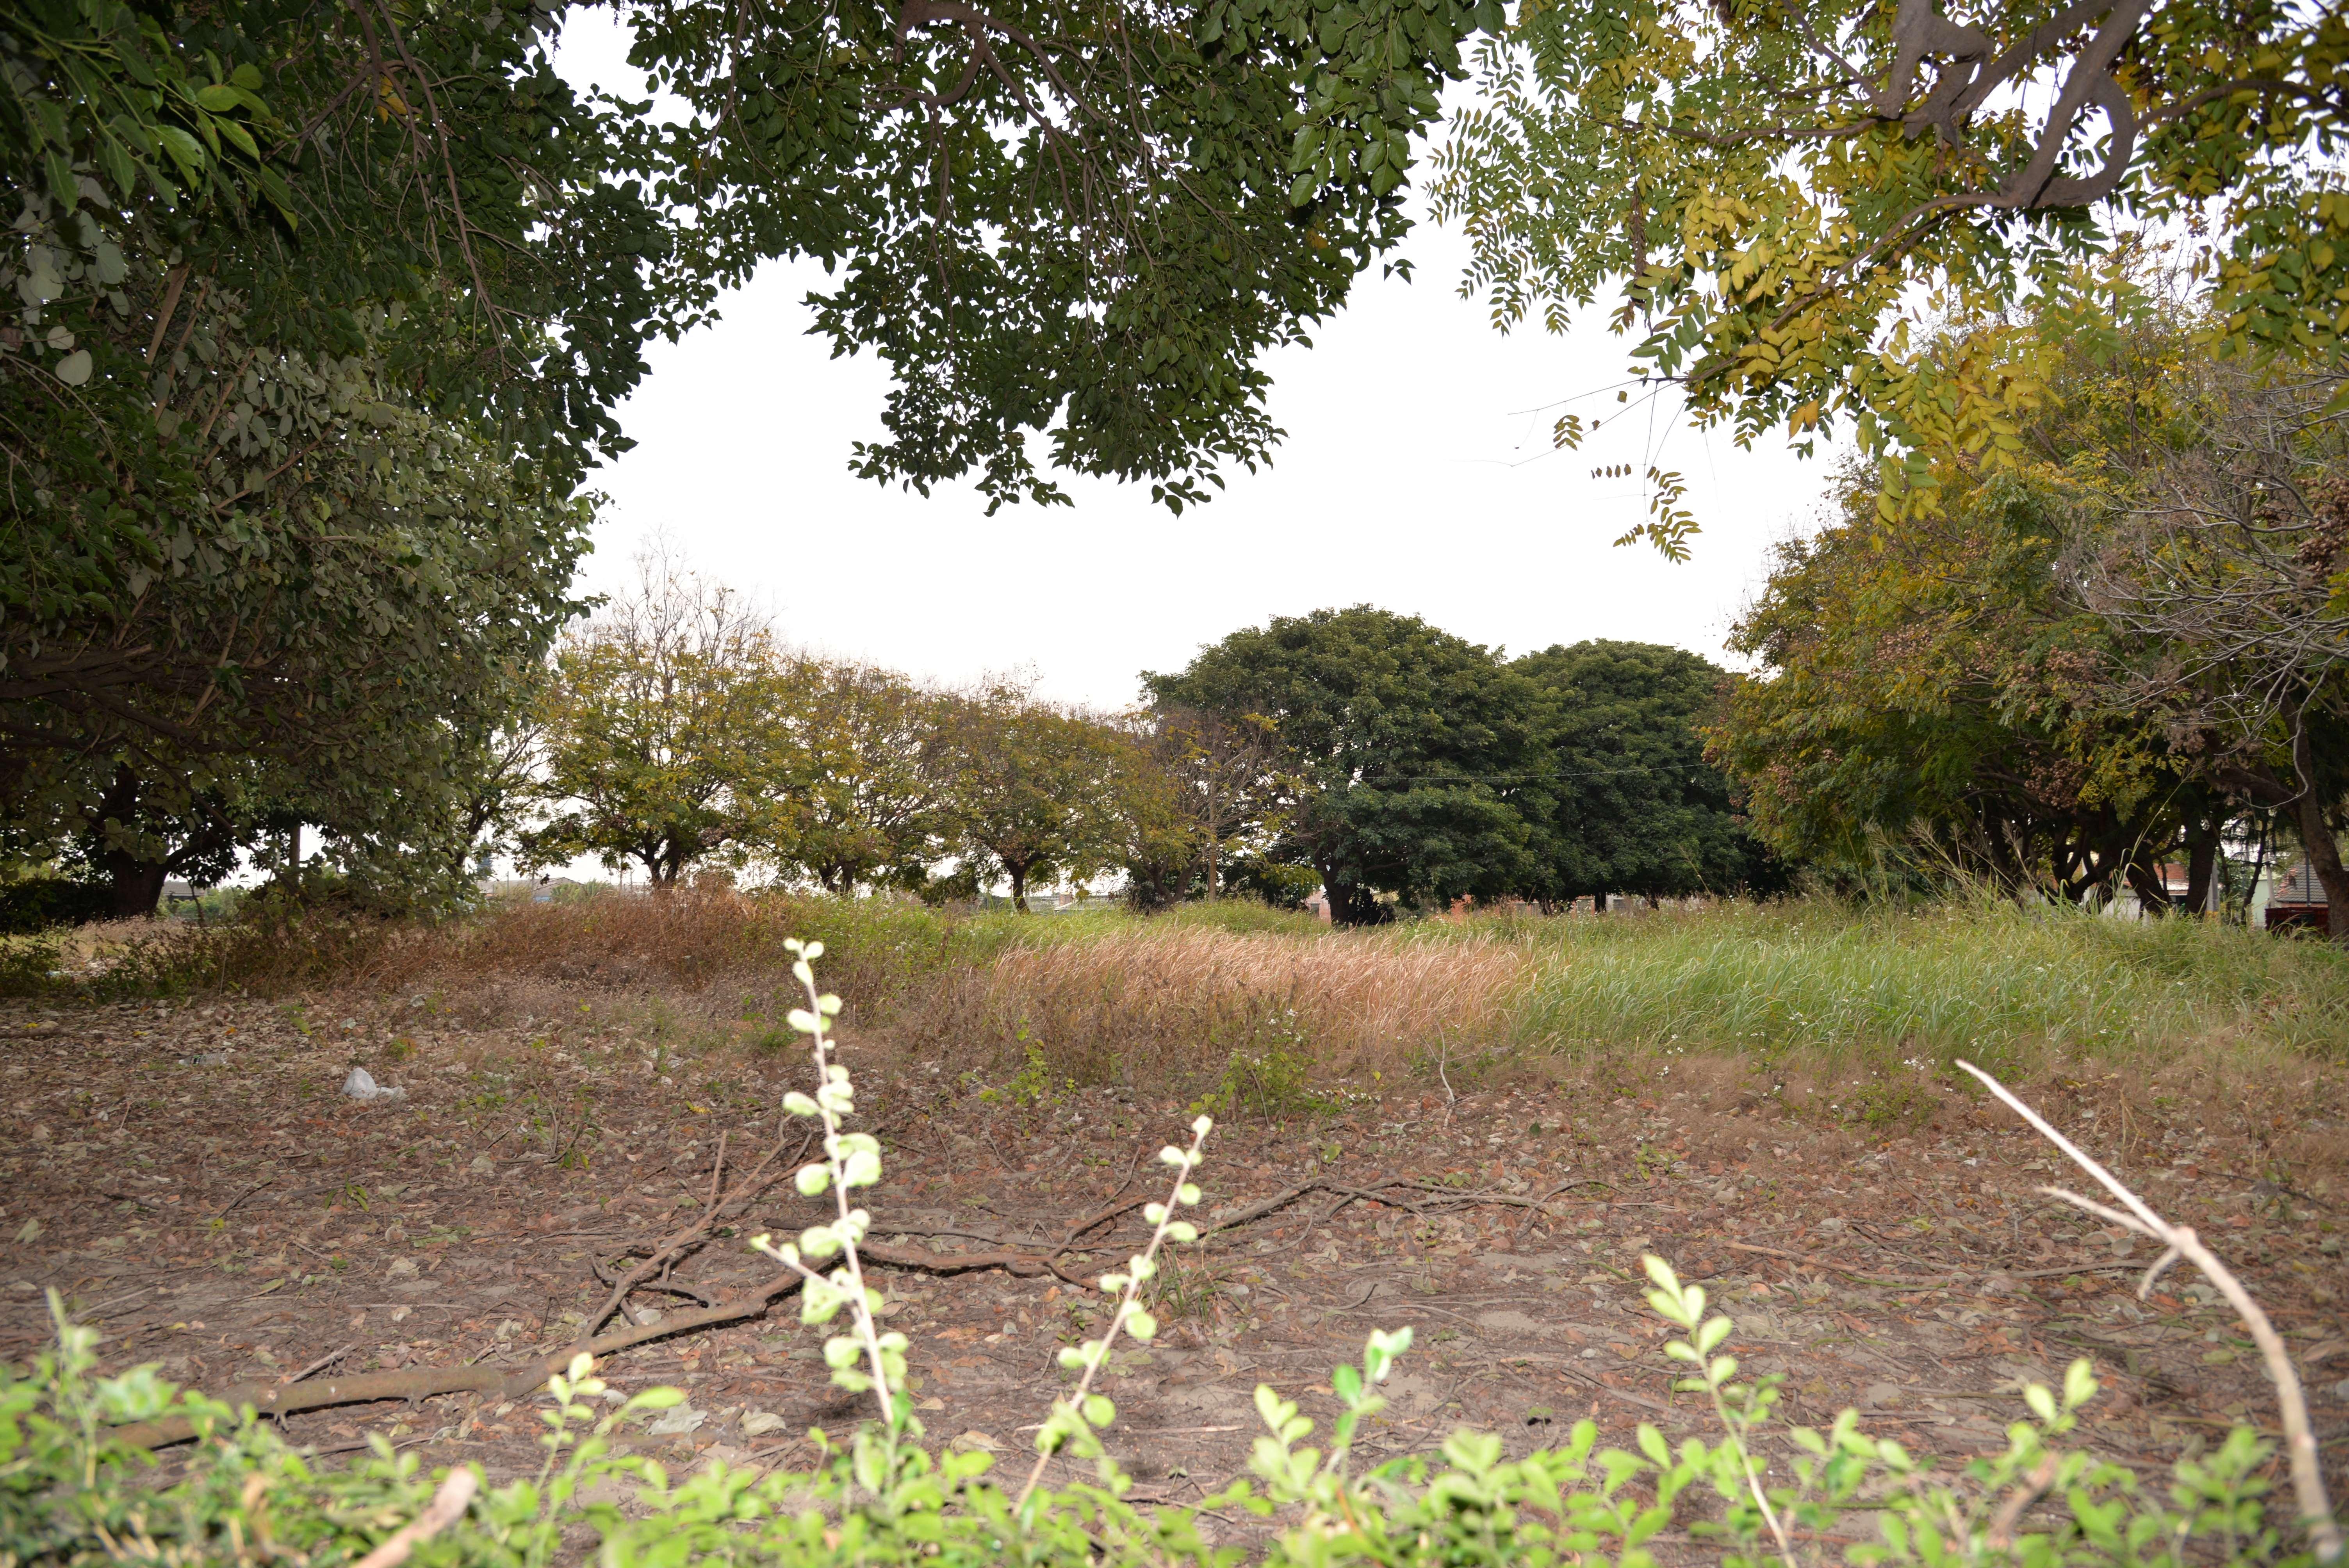 北溪公園旁私人土地,地主有意配合縣府規劃做為適合長者的運動休閒場域